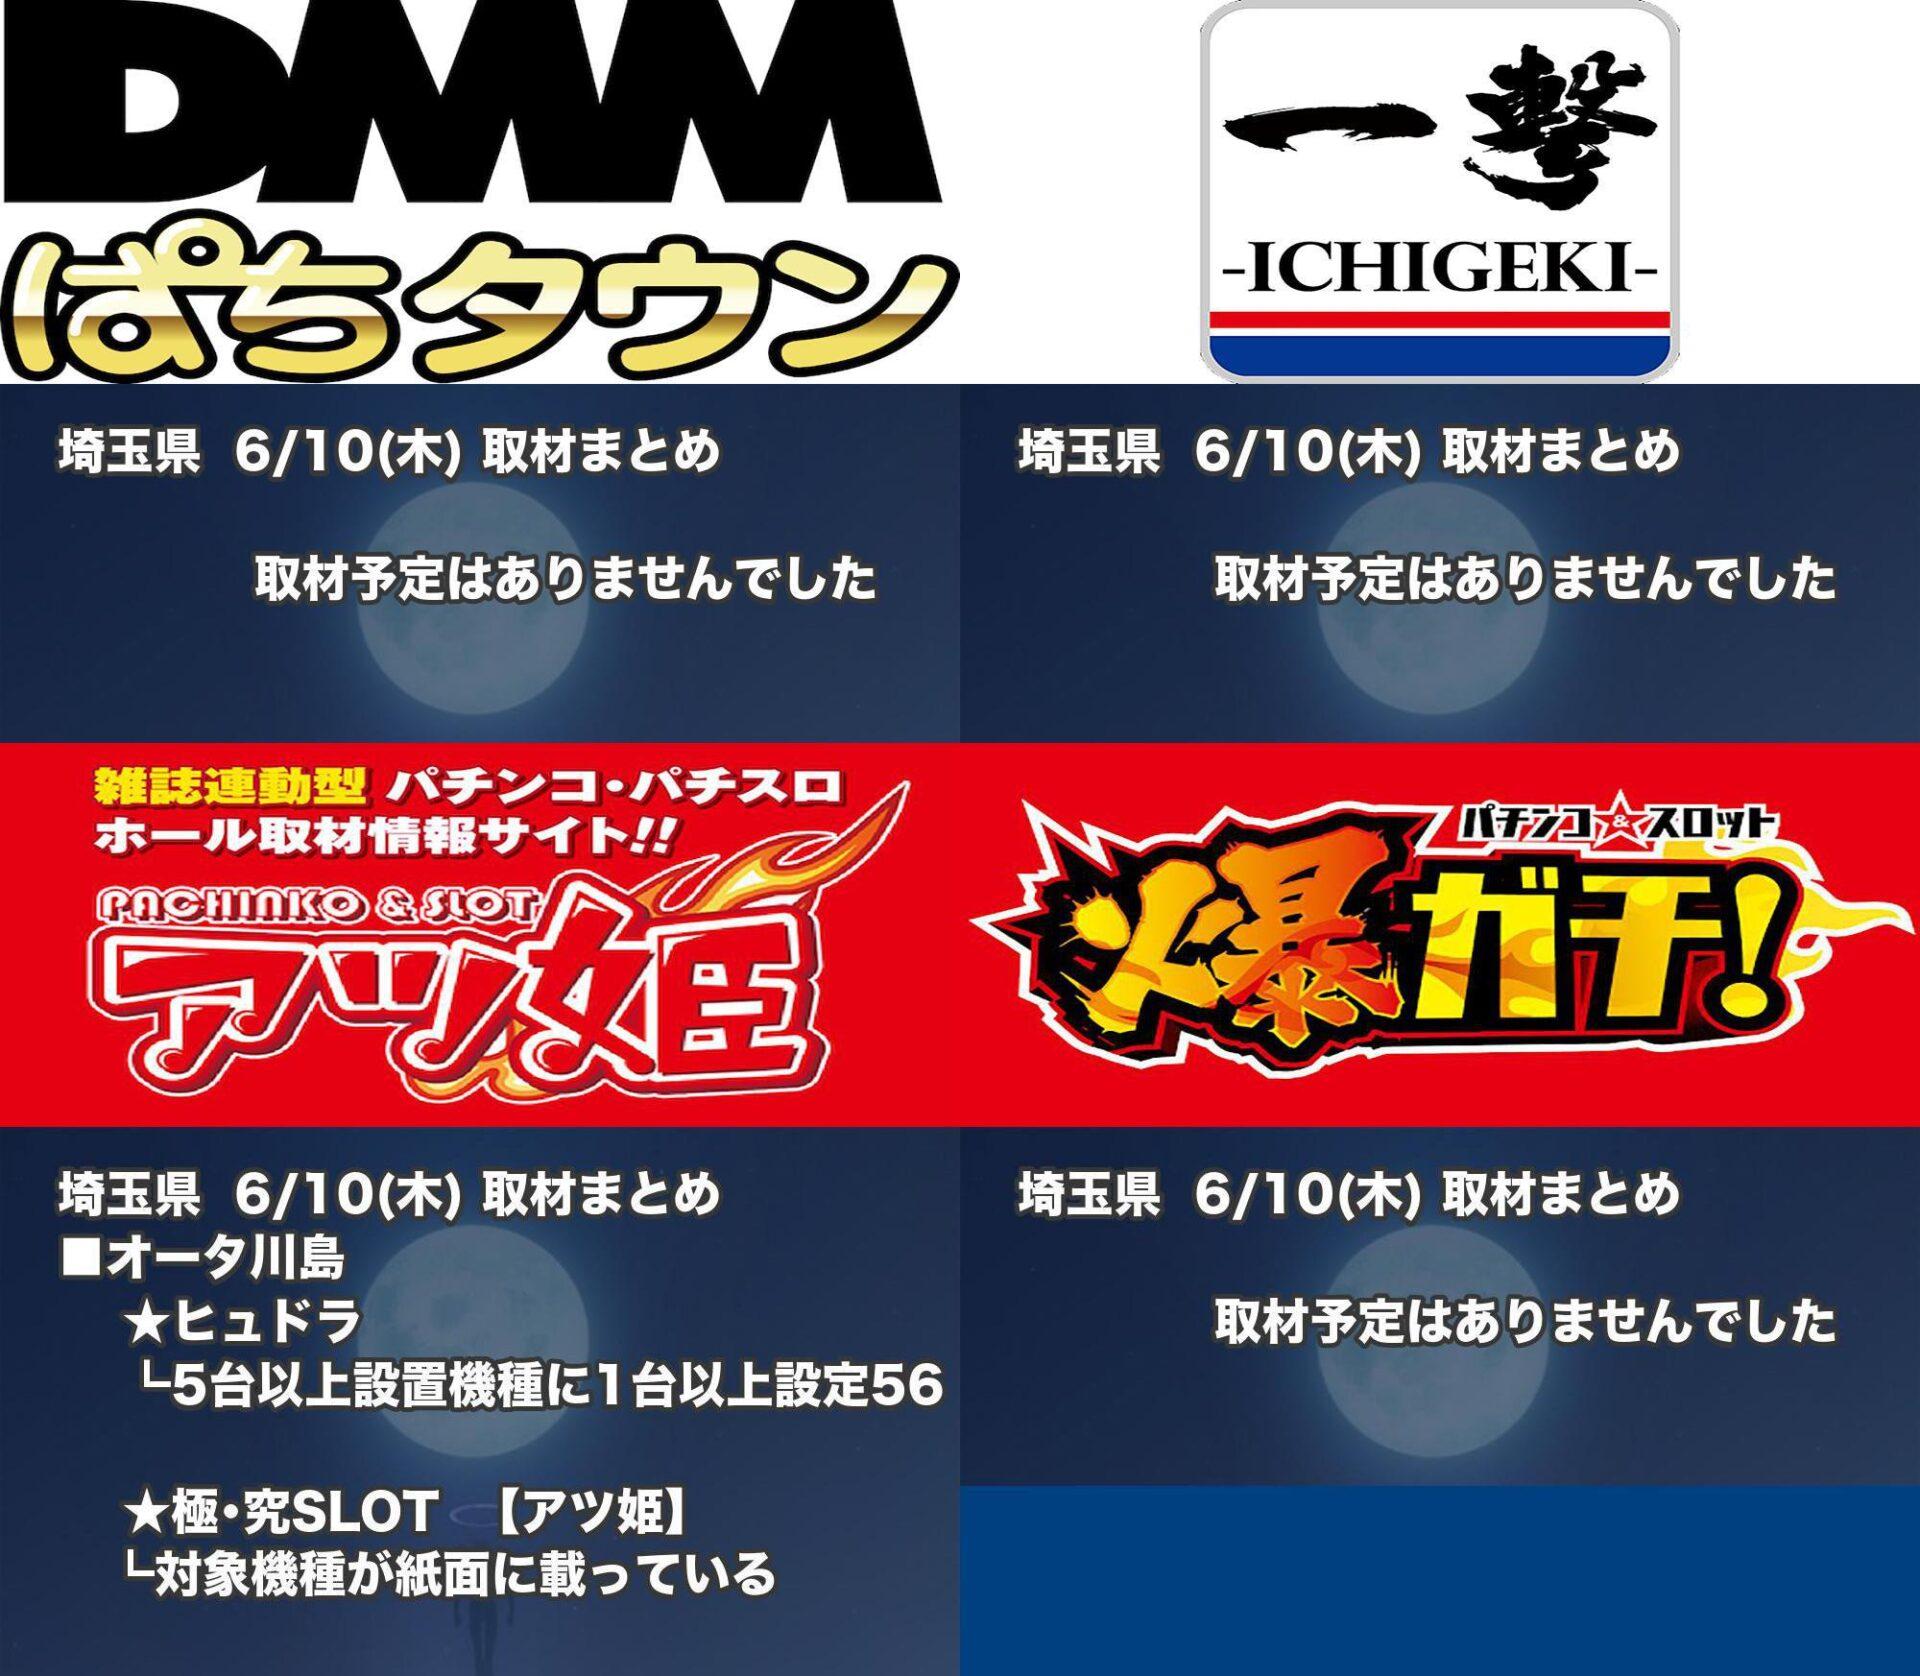 埼玉県_2021-06-10_パチンコ・パチスロ_イベント